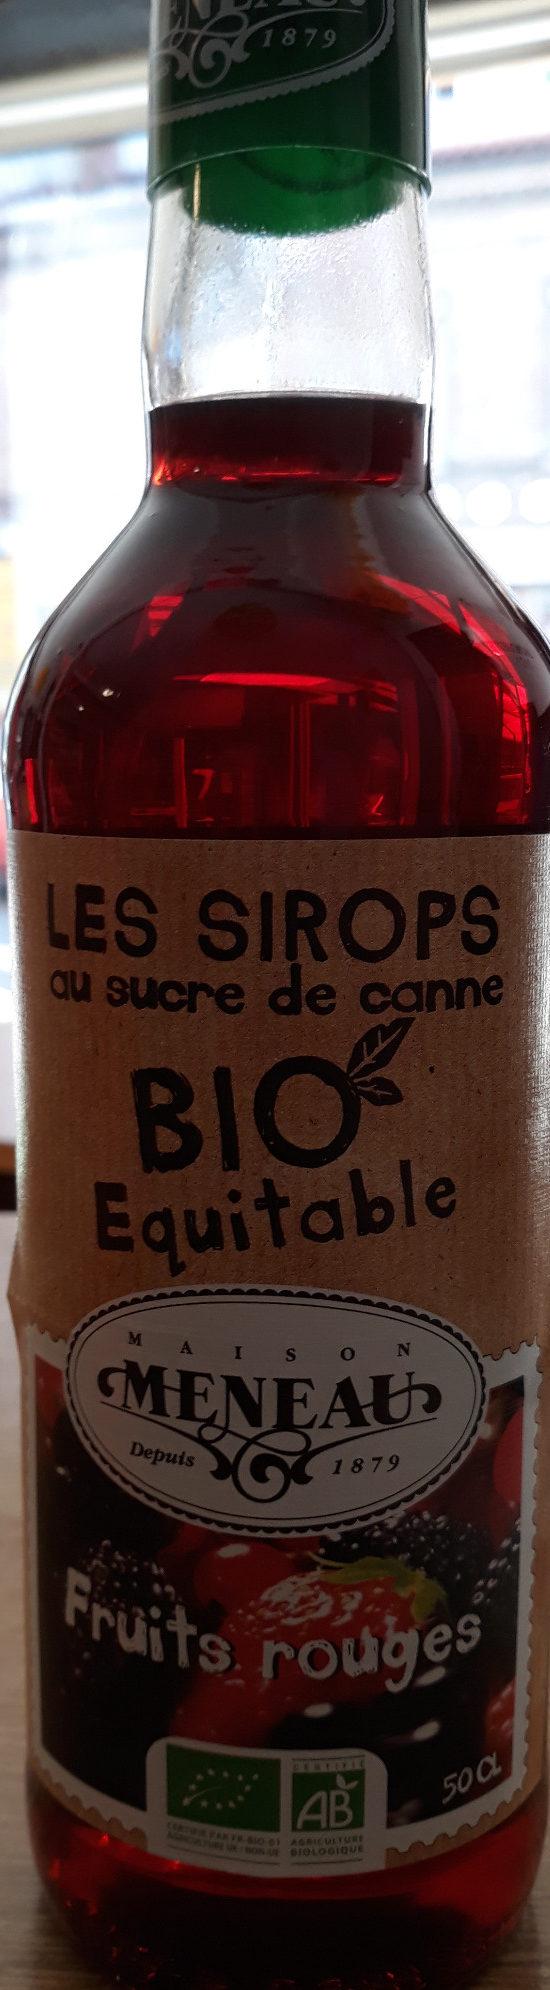 Sirop au sucre de canne - fruits rouges - Prodotto - fr